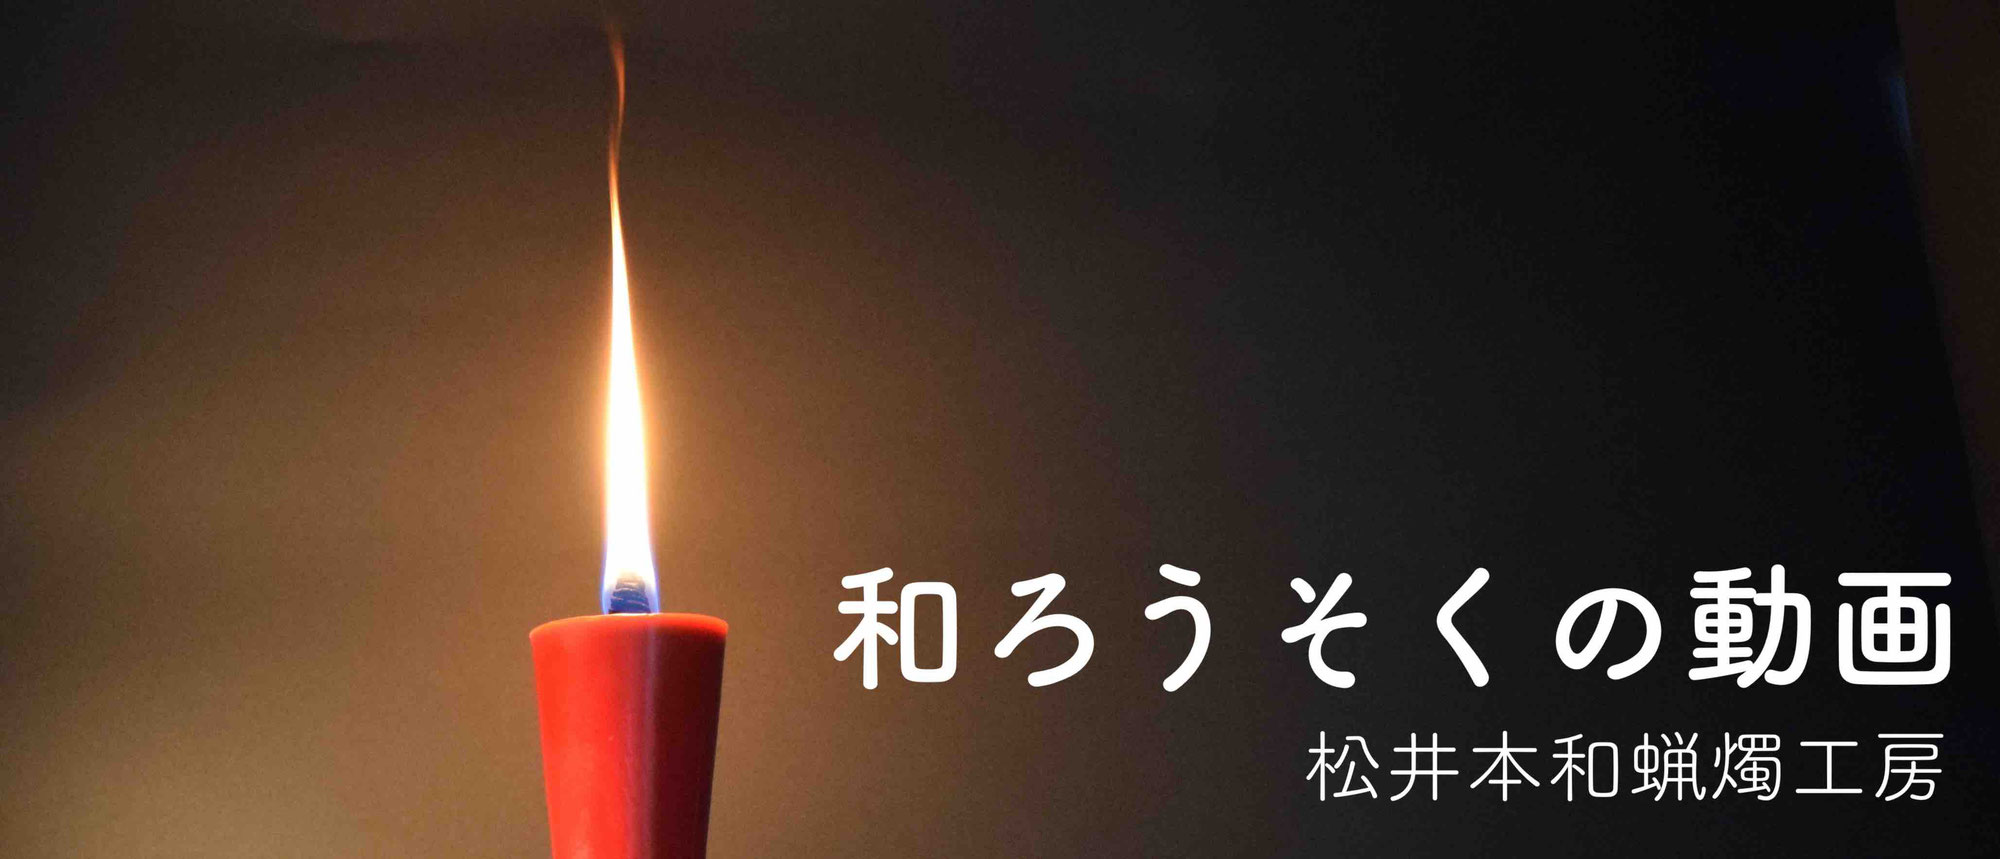 和ろうそくの動画 松井本和蝋燭工房 製造方法 炎の揺らぎなど 愛知県岡崎市